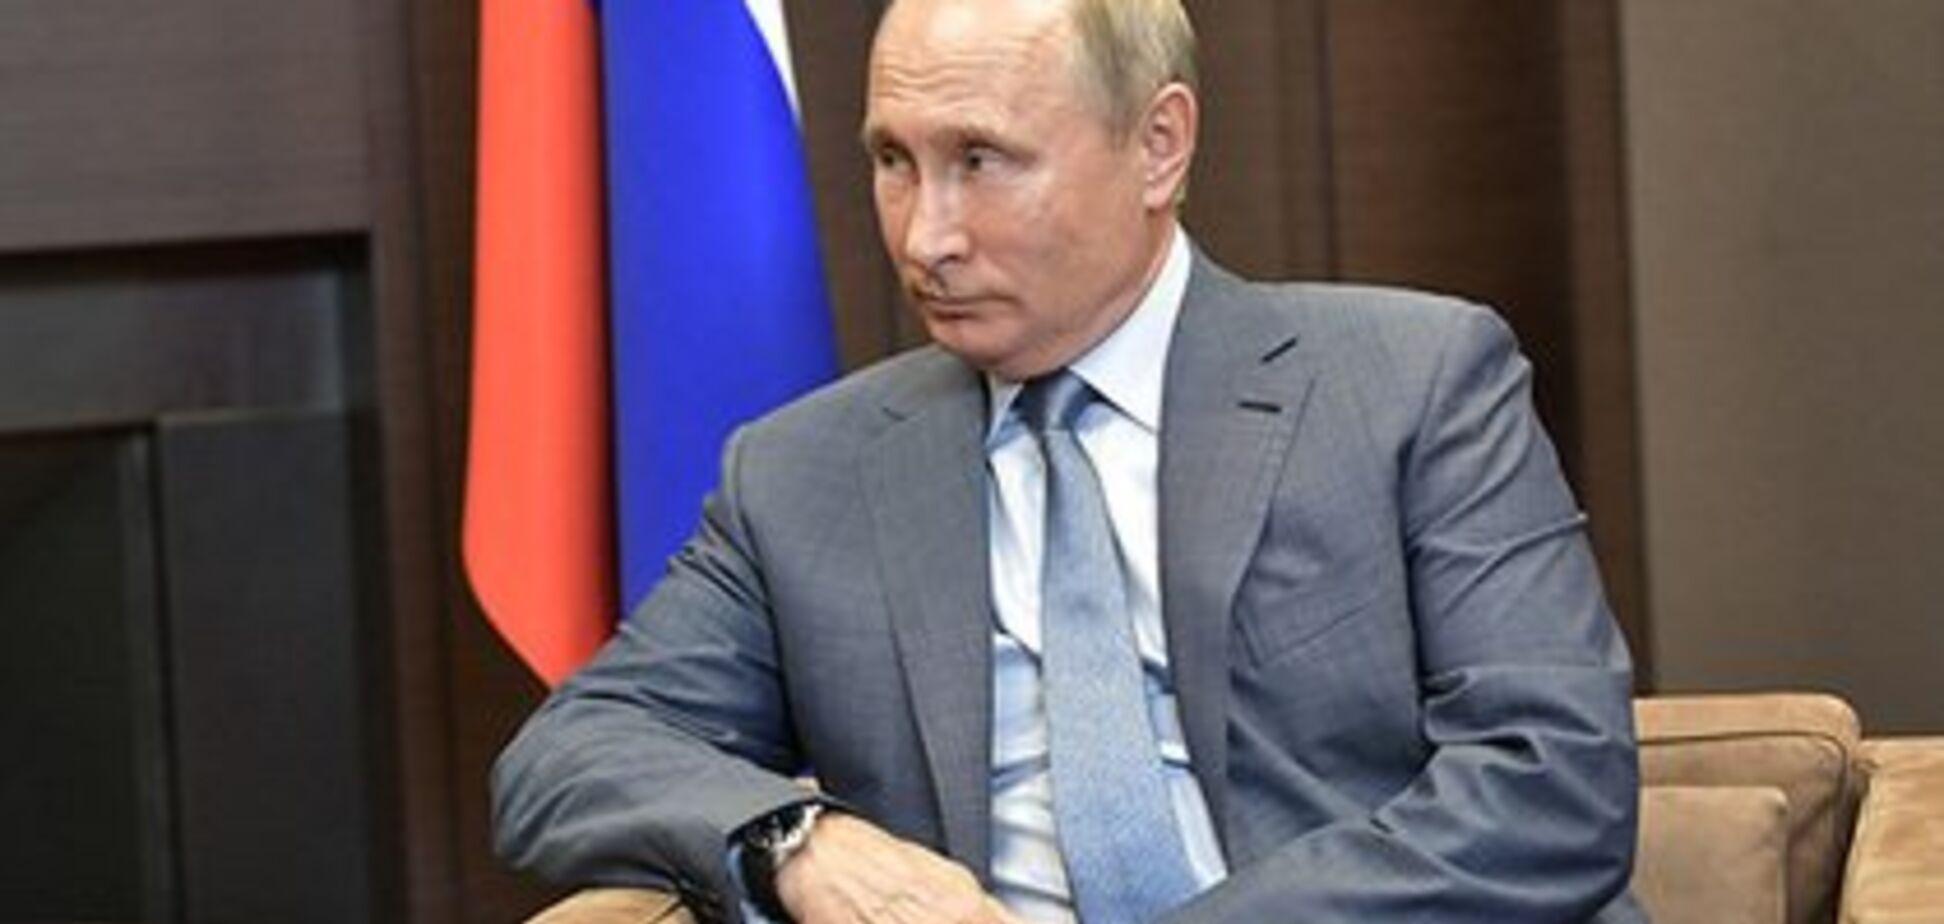 'Где настоящий?' Сеть озадачило фото с 'двойником' Путина